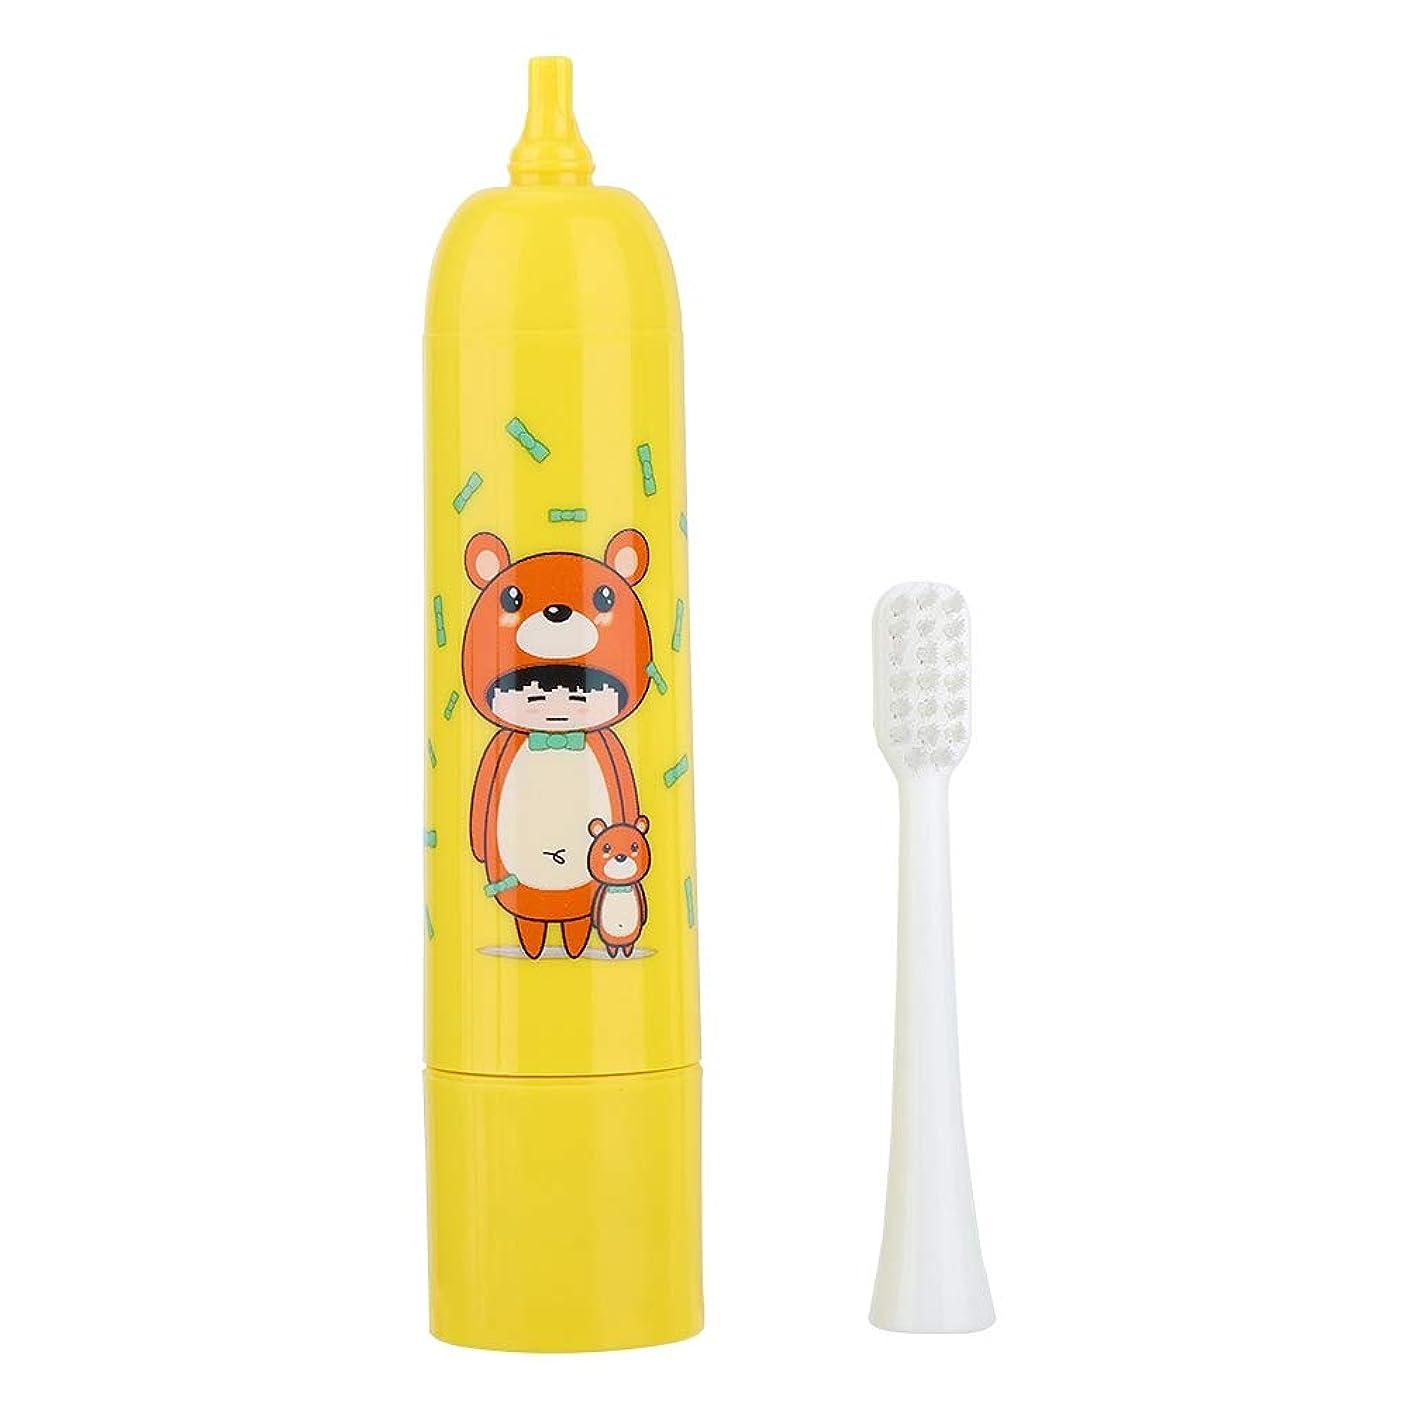 証言する電卓噂充電式歯ブラシ、電動歯ブラシ自動タイマーと精密クリーンブラシヘッドで口腔ヘルスケアのための深いクリーニング(2#)